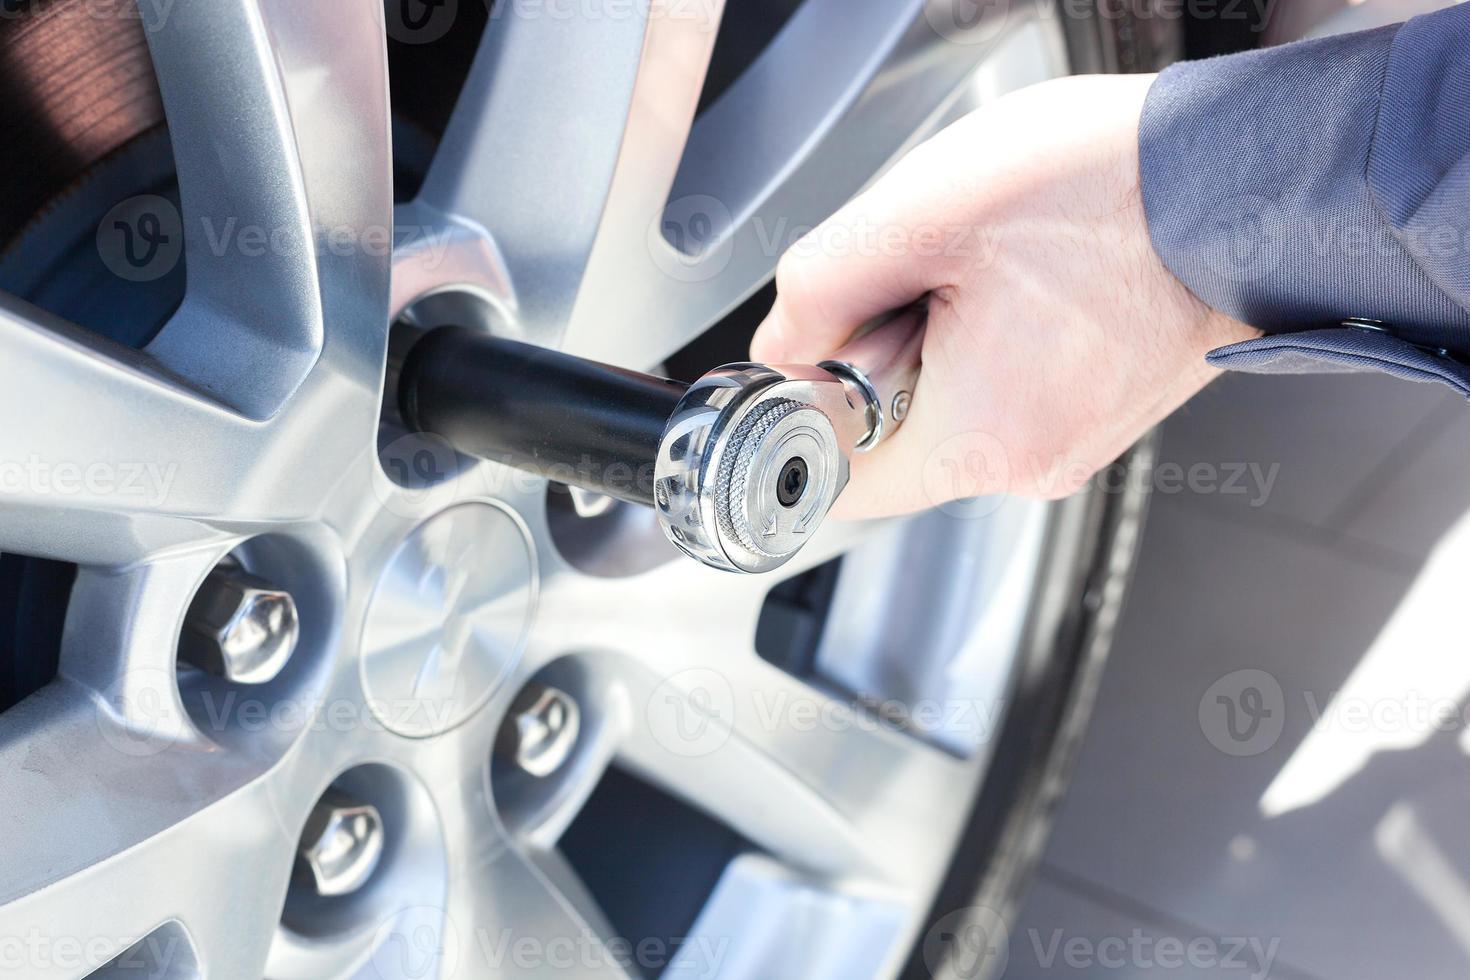 roda de mudança mecânica no carro foto